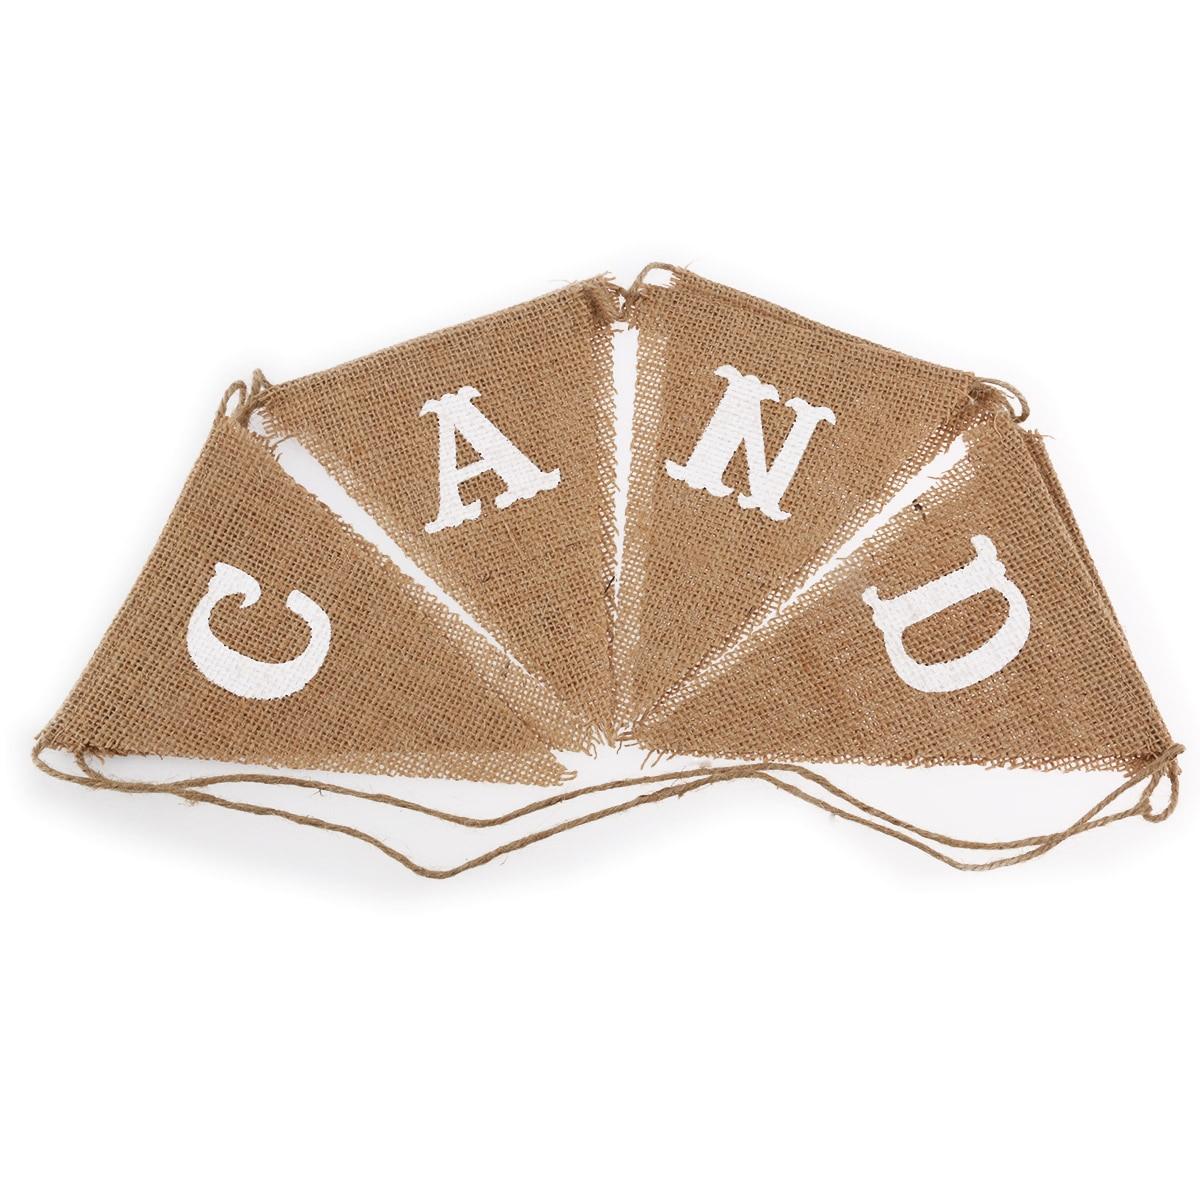 8db CANDY BAR zsákvászon zászló banner esküvői dekoráció - Ünnepi és party kellékek